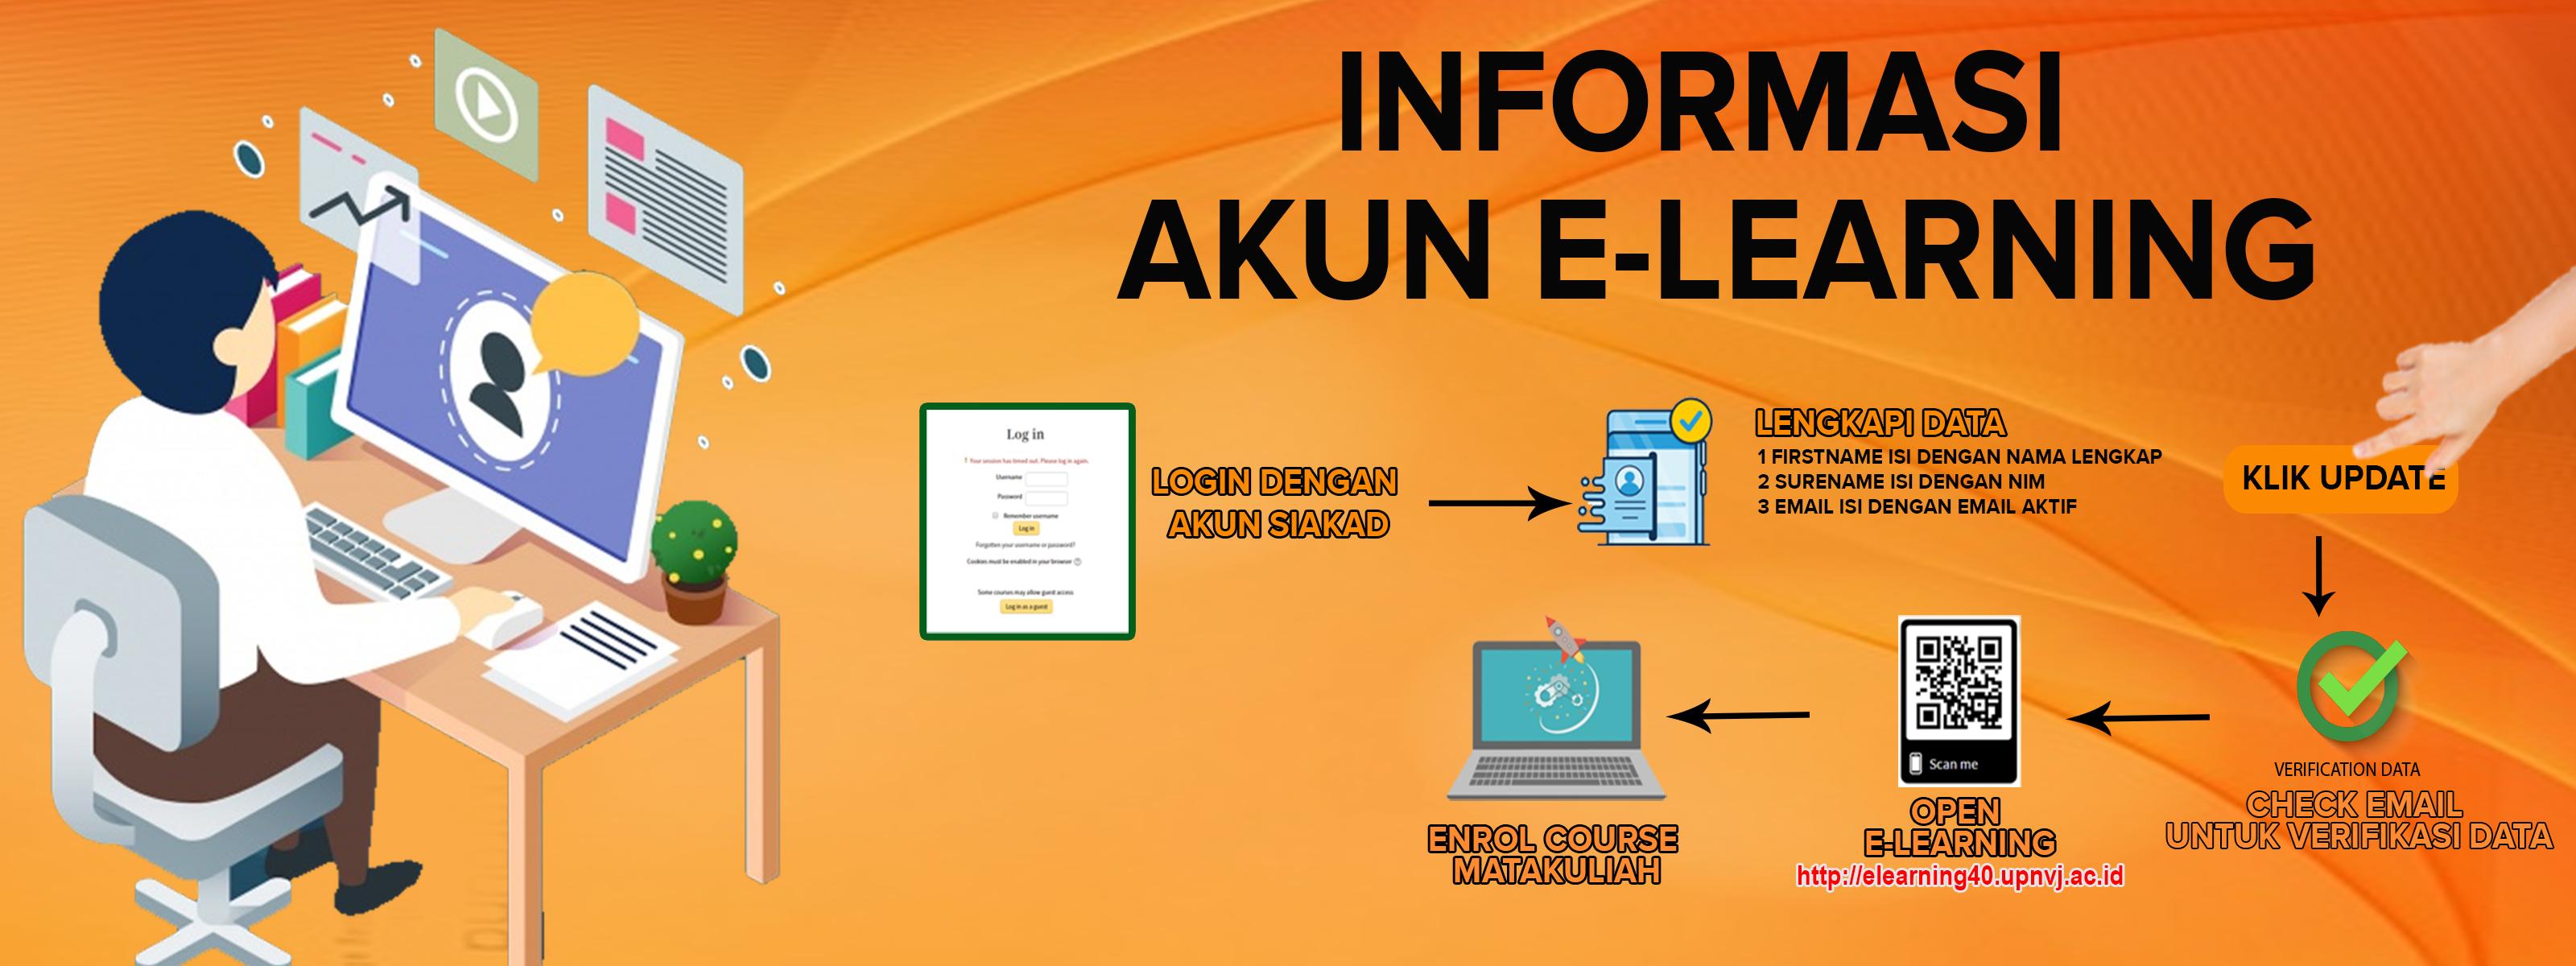 Informasi Akun E-Learning Mahasiswa